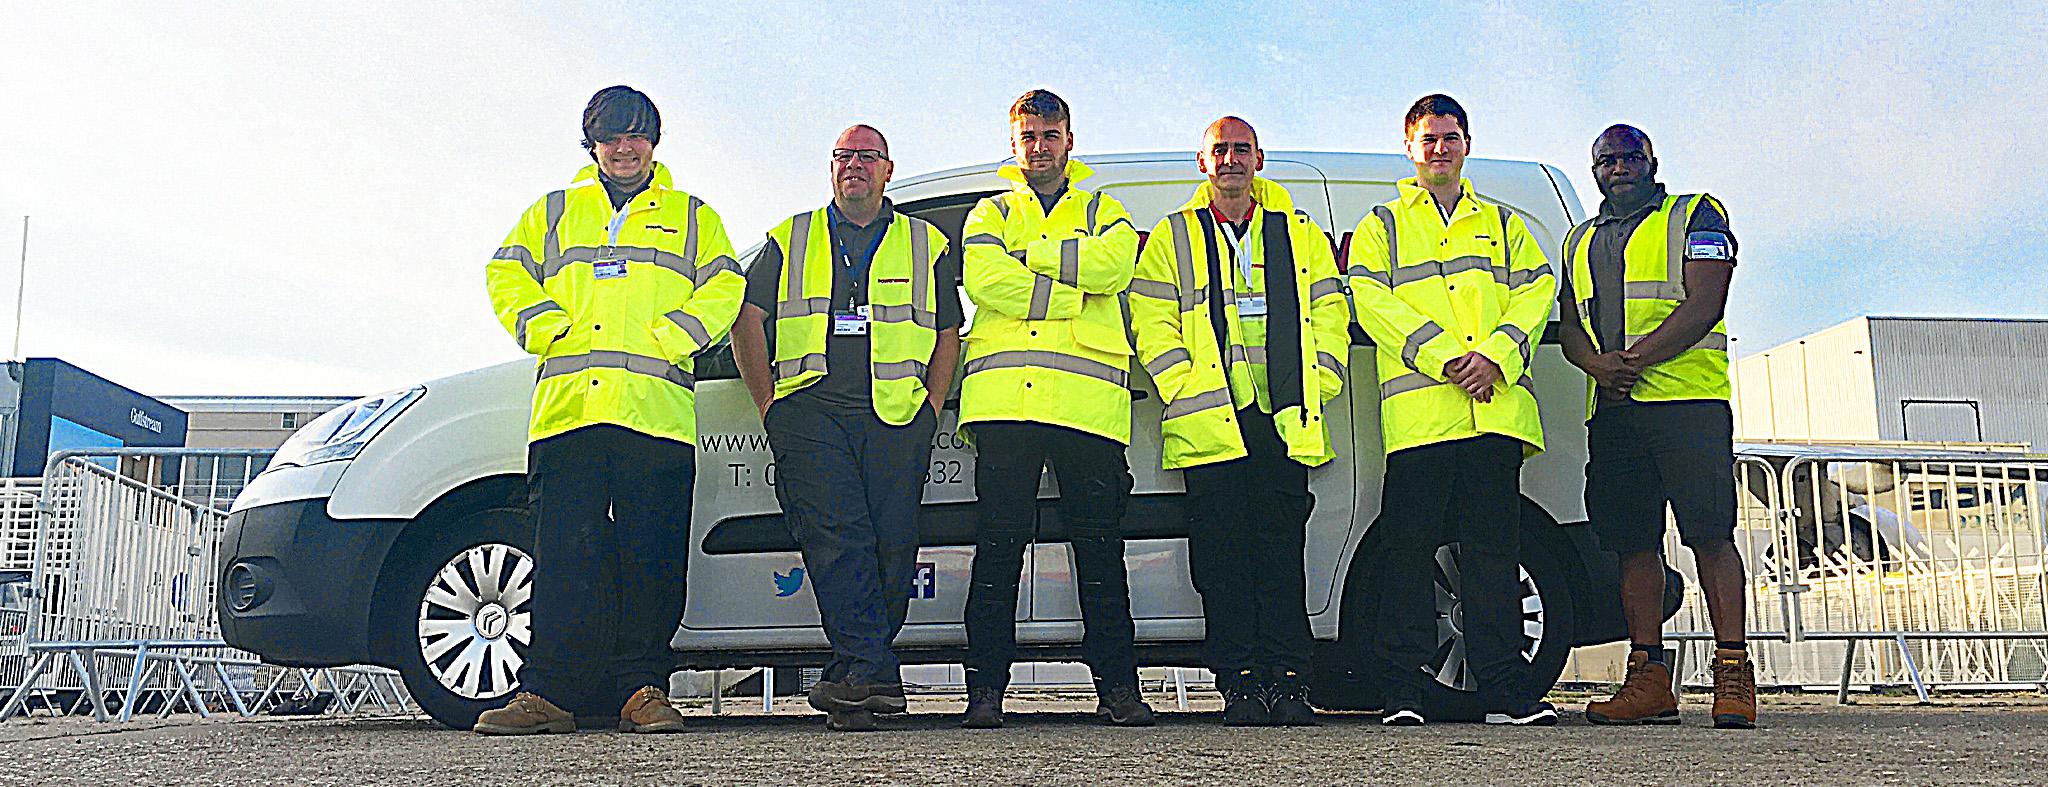 Powervamp - Airshow support staff